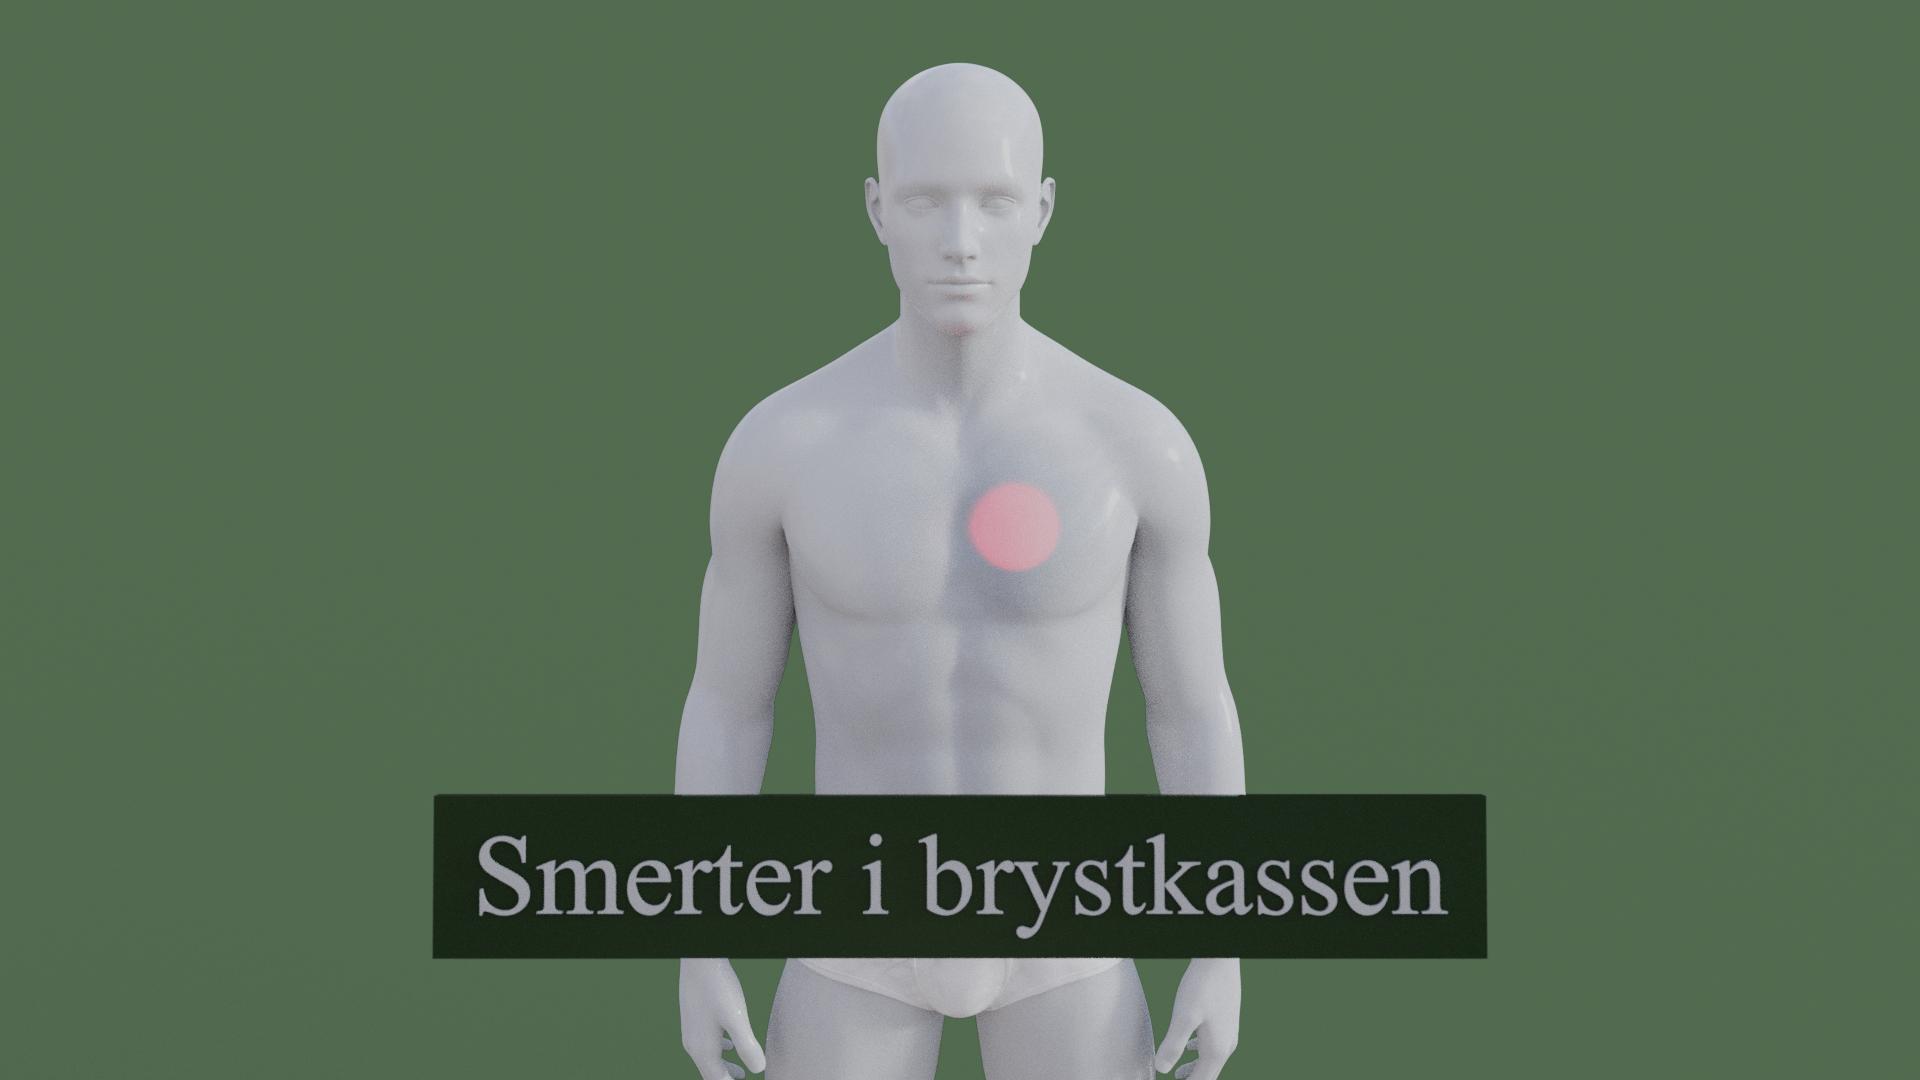 Billedet viser en 3D figur med smerter i brystkassen. Den røde farve på brystkassen symboliserer smerterne.